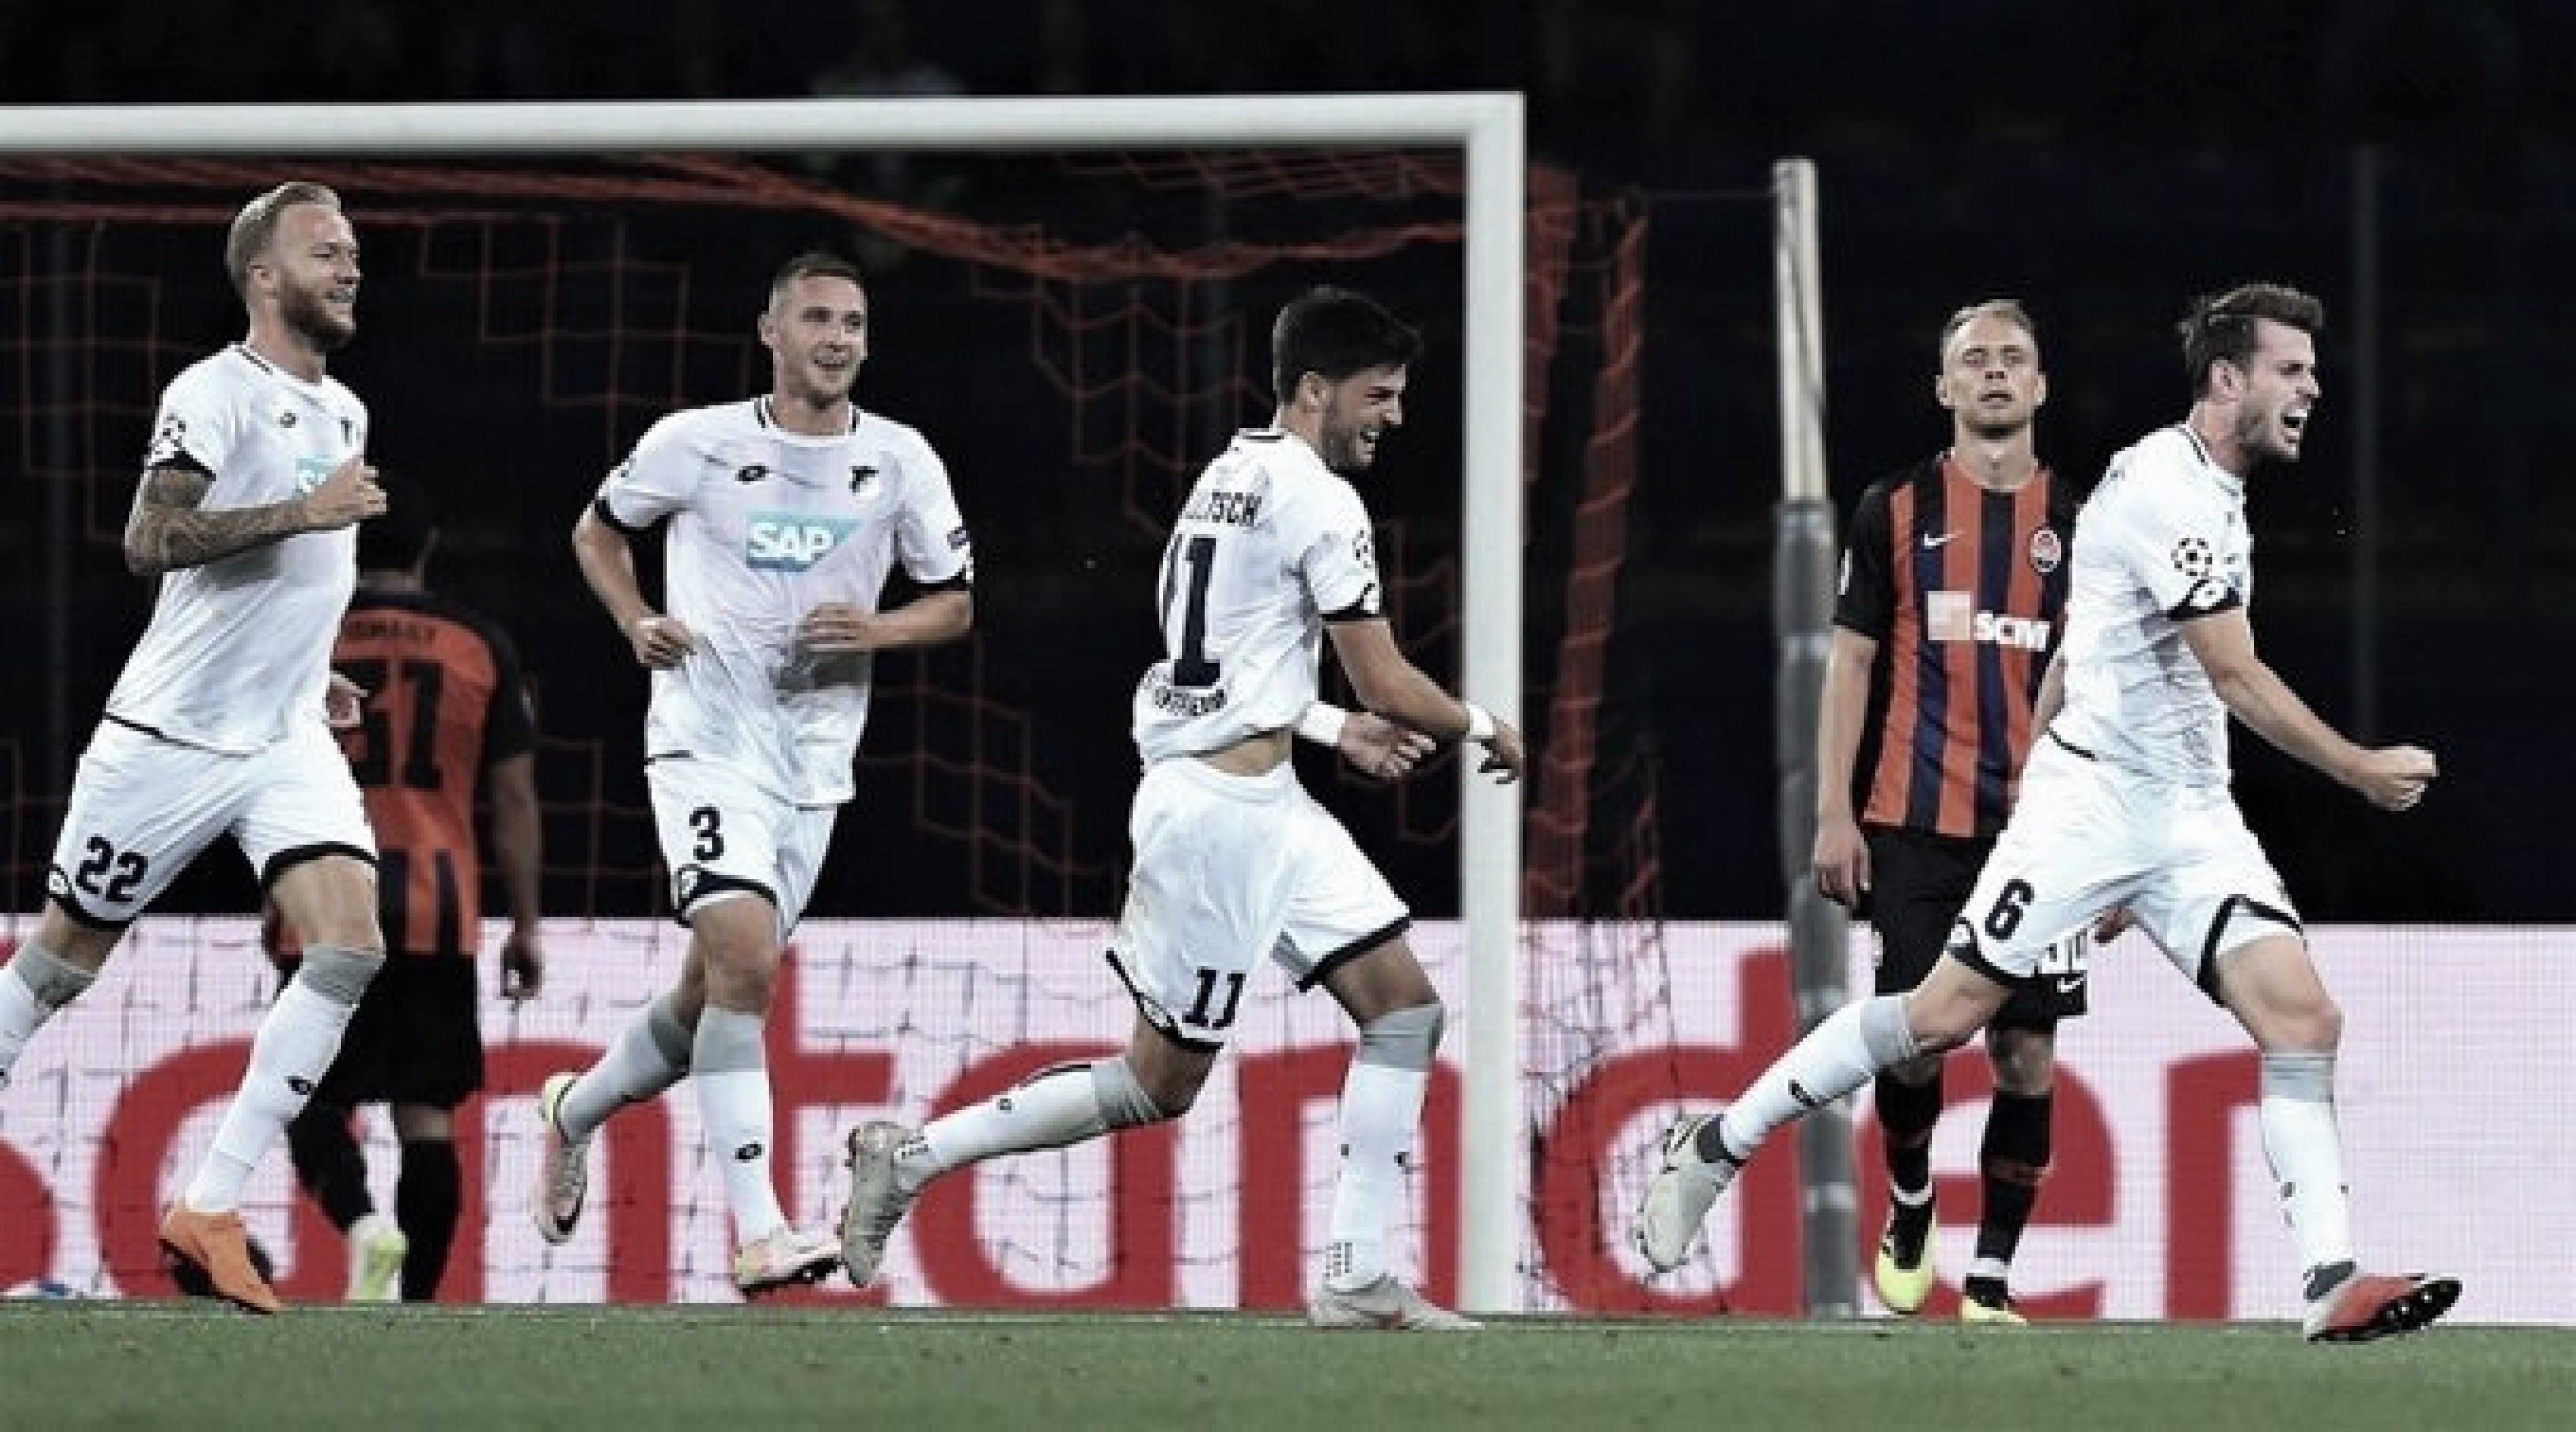 Com gols de brasileiros, Shakhtar empata com Hoffenheim na UEFA Champions League